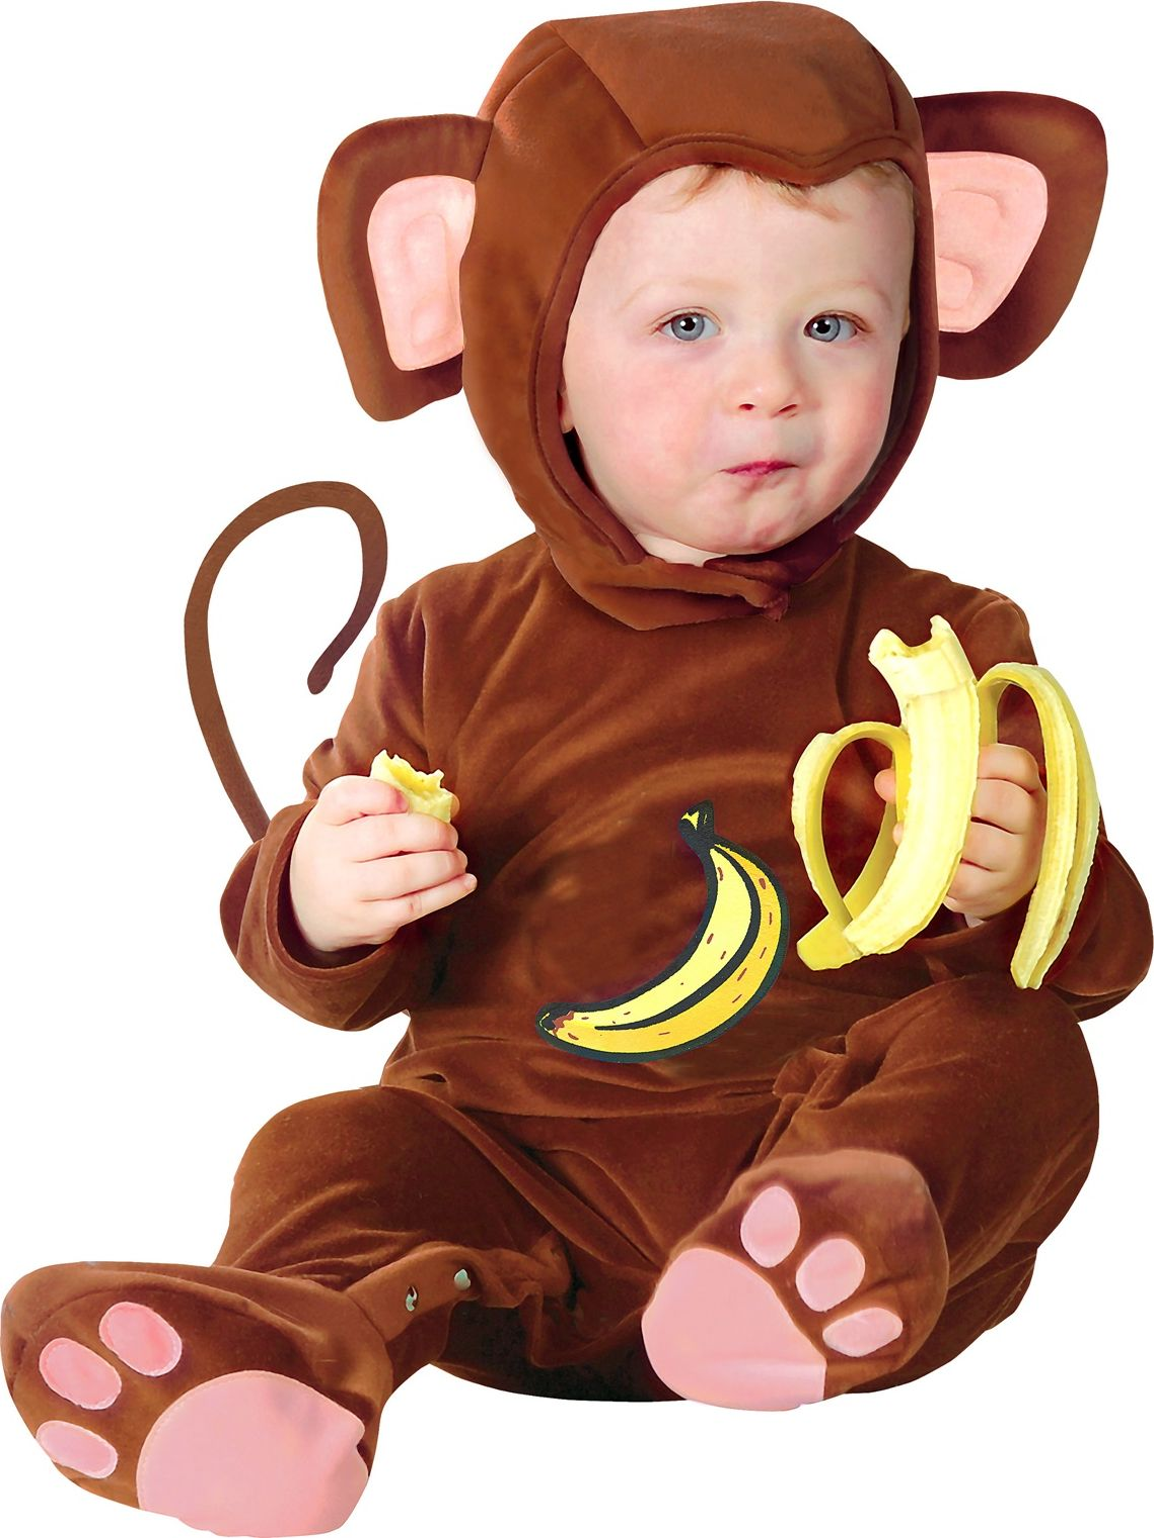 Baby onesie aap